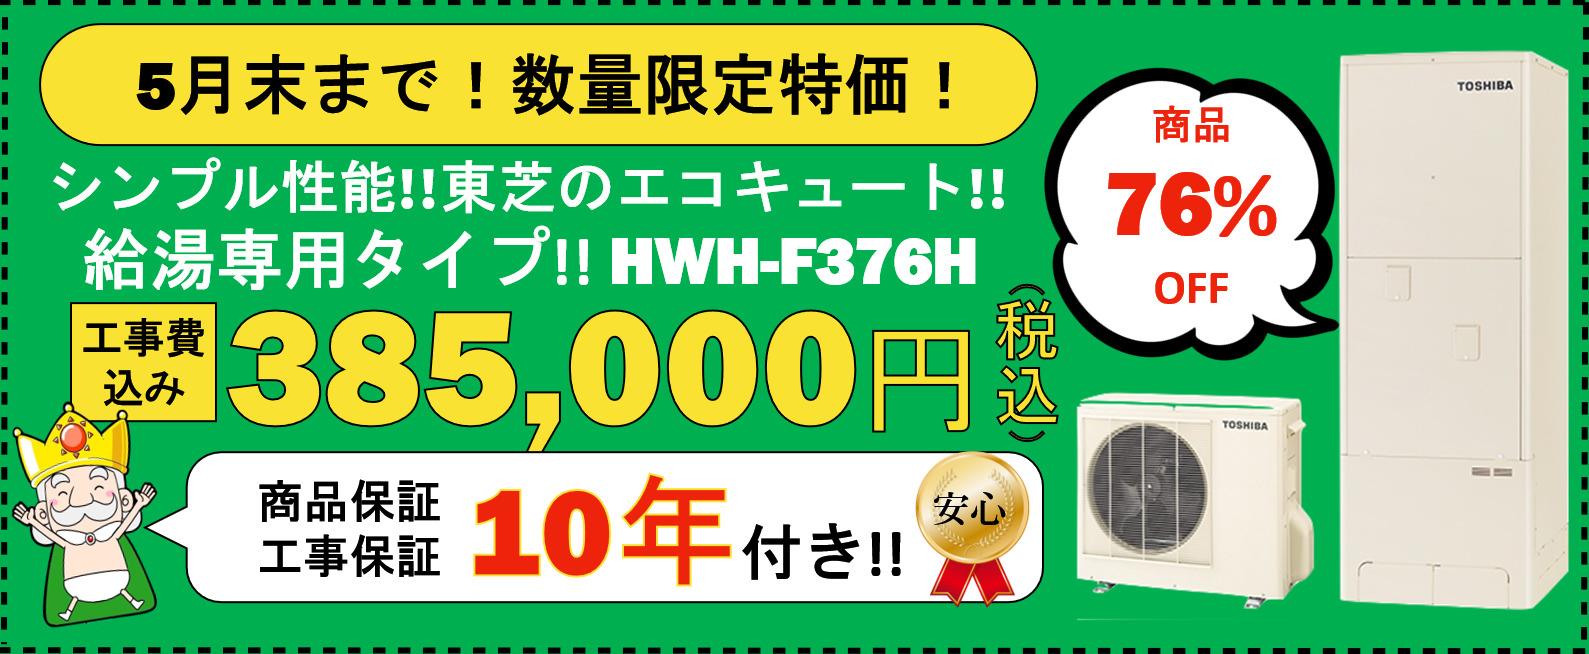 HWH-F376H